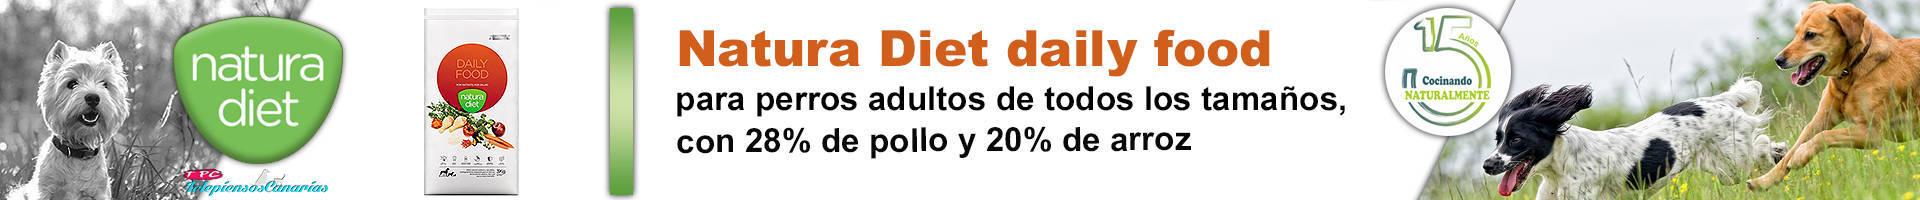 Natura diet daily food para perros adultos de todas la razas y tamaños